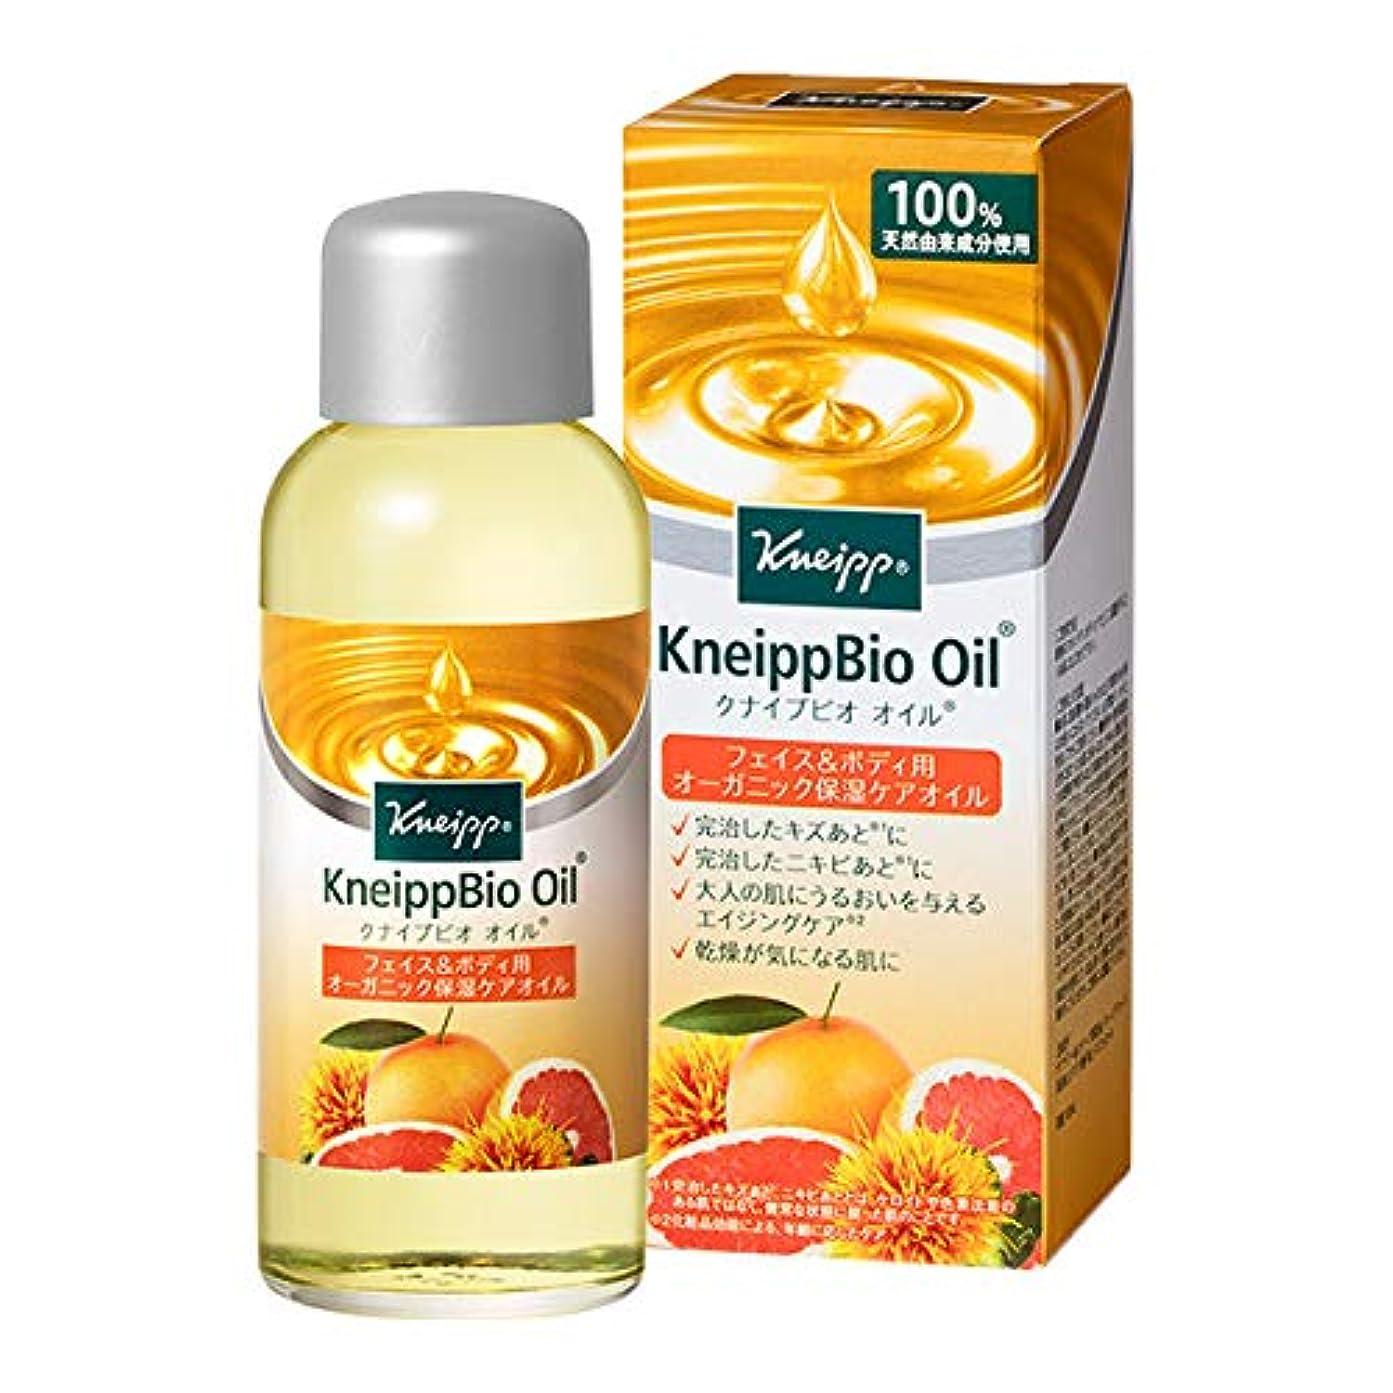 敷居ディスパッチ退院クナイプ(Kneipp) クナイプ ビオオイル100mL 美容液